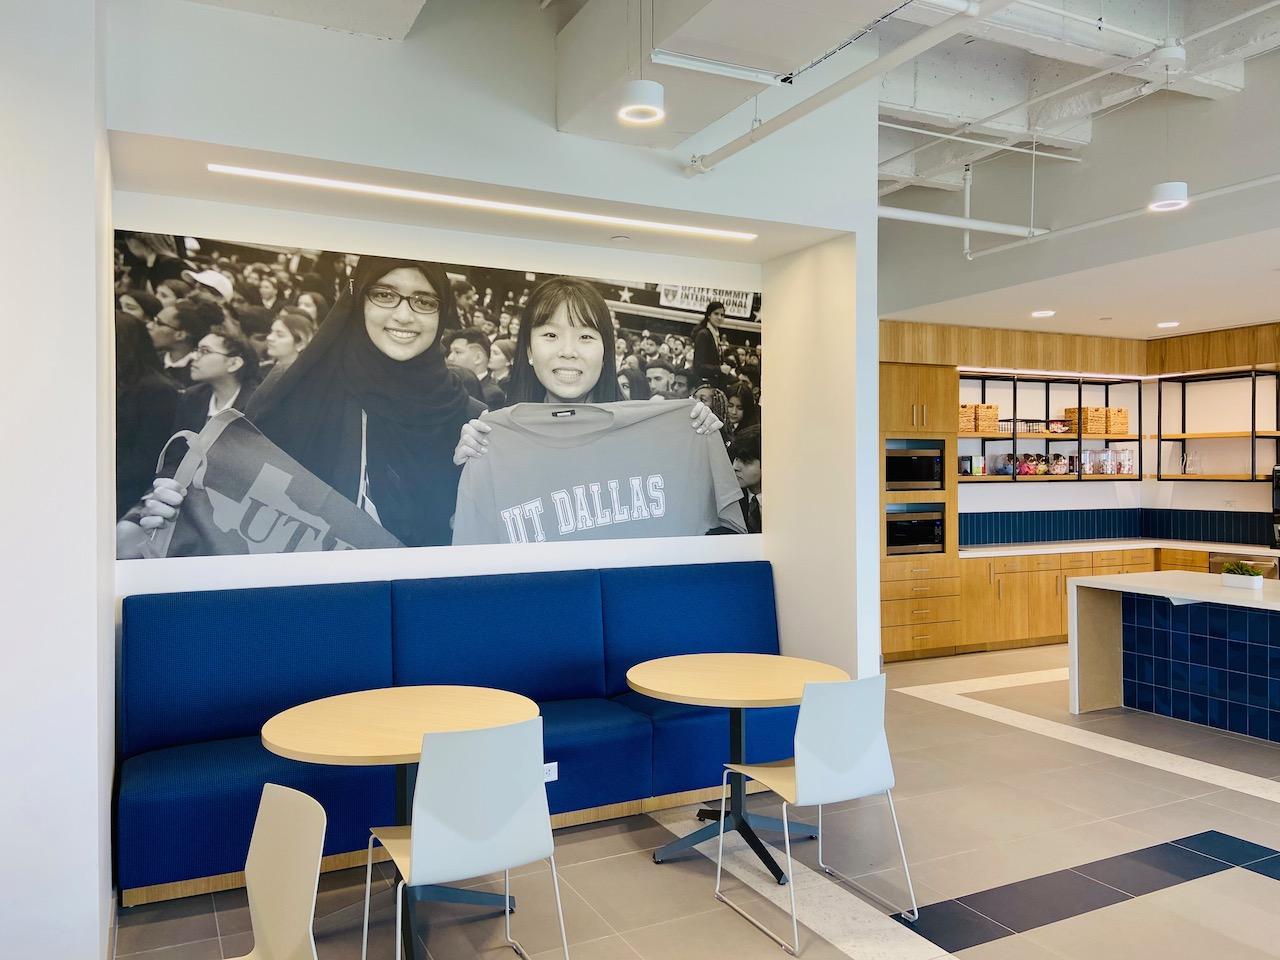 Dallas Wall Graphics